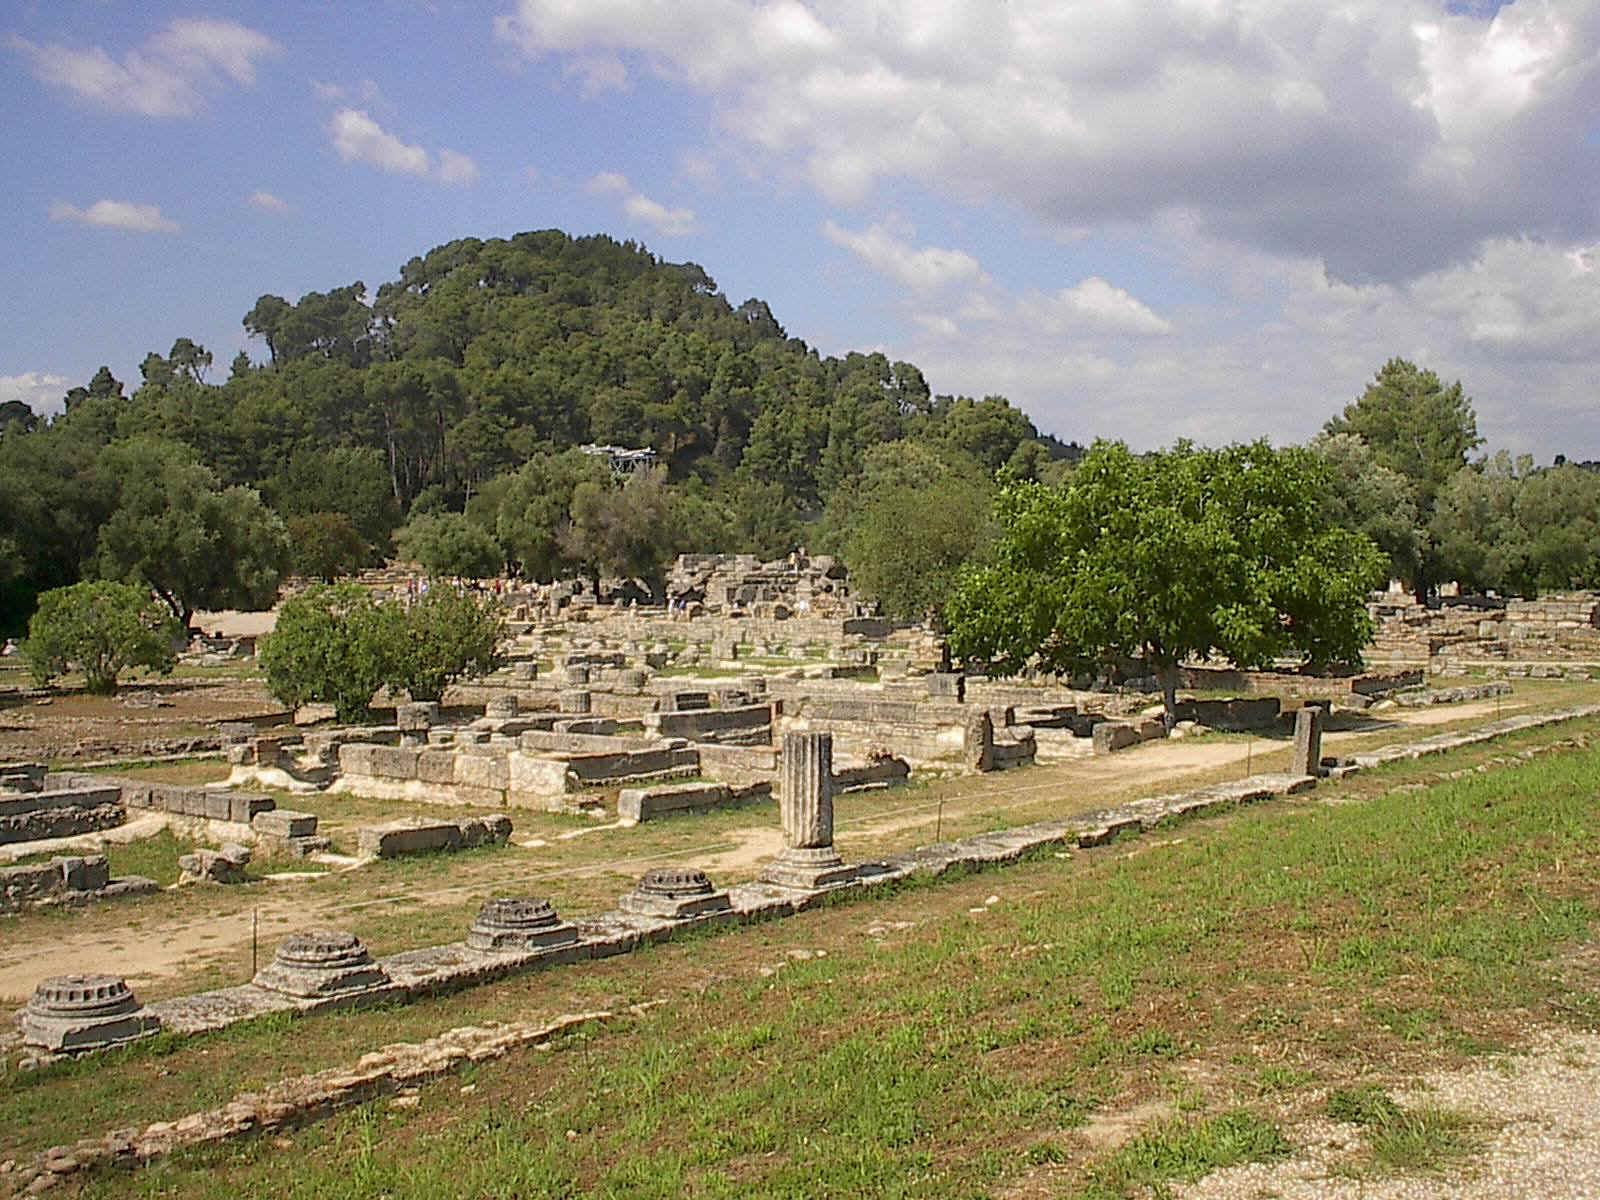 Εικόνες από τον αρχαιολογικό χώρο της Ολυμπίας.